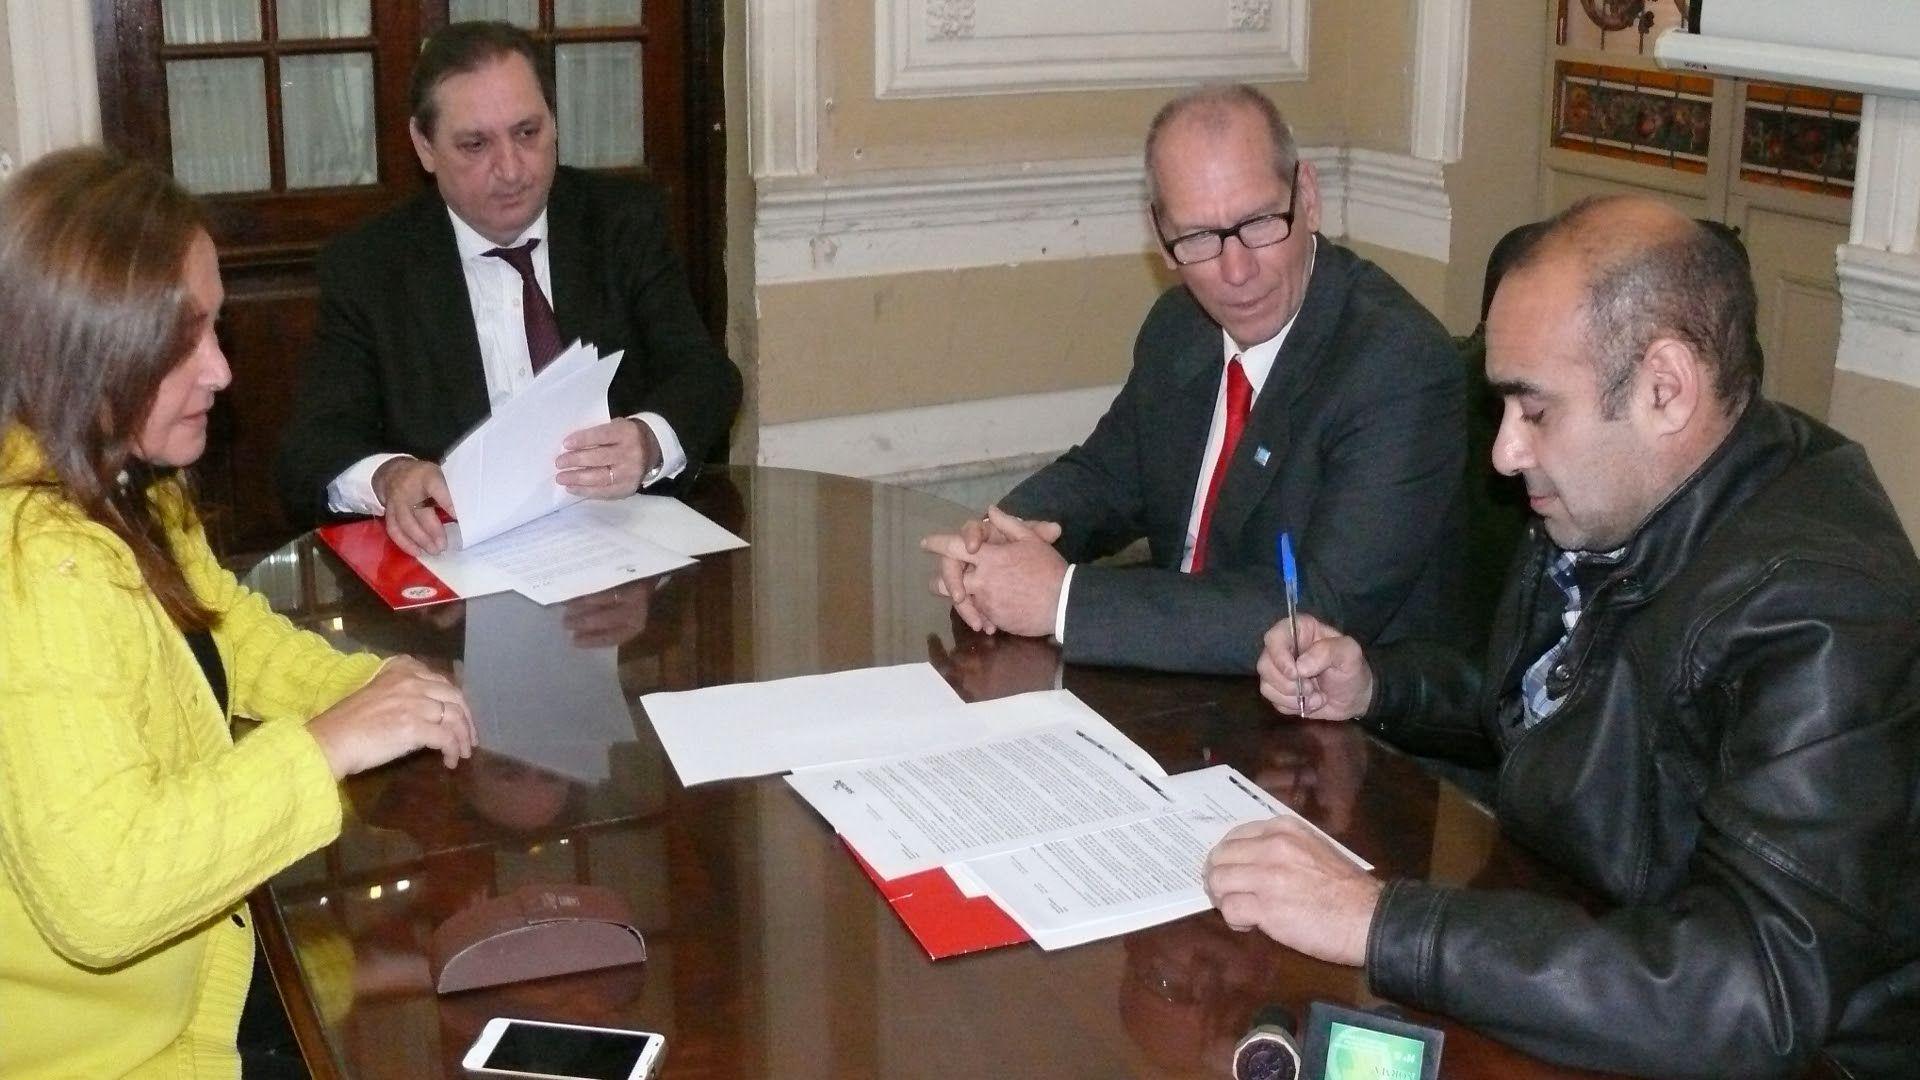 Un año más. Julio Genesini y Carlos Salomón acordaron seguir con los objetivos planteados. Gentileza/Gobierno de la Provincia